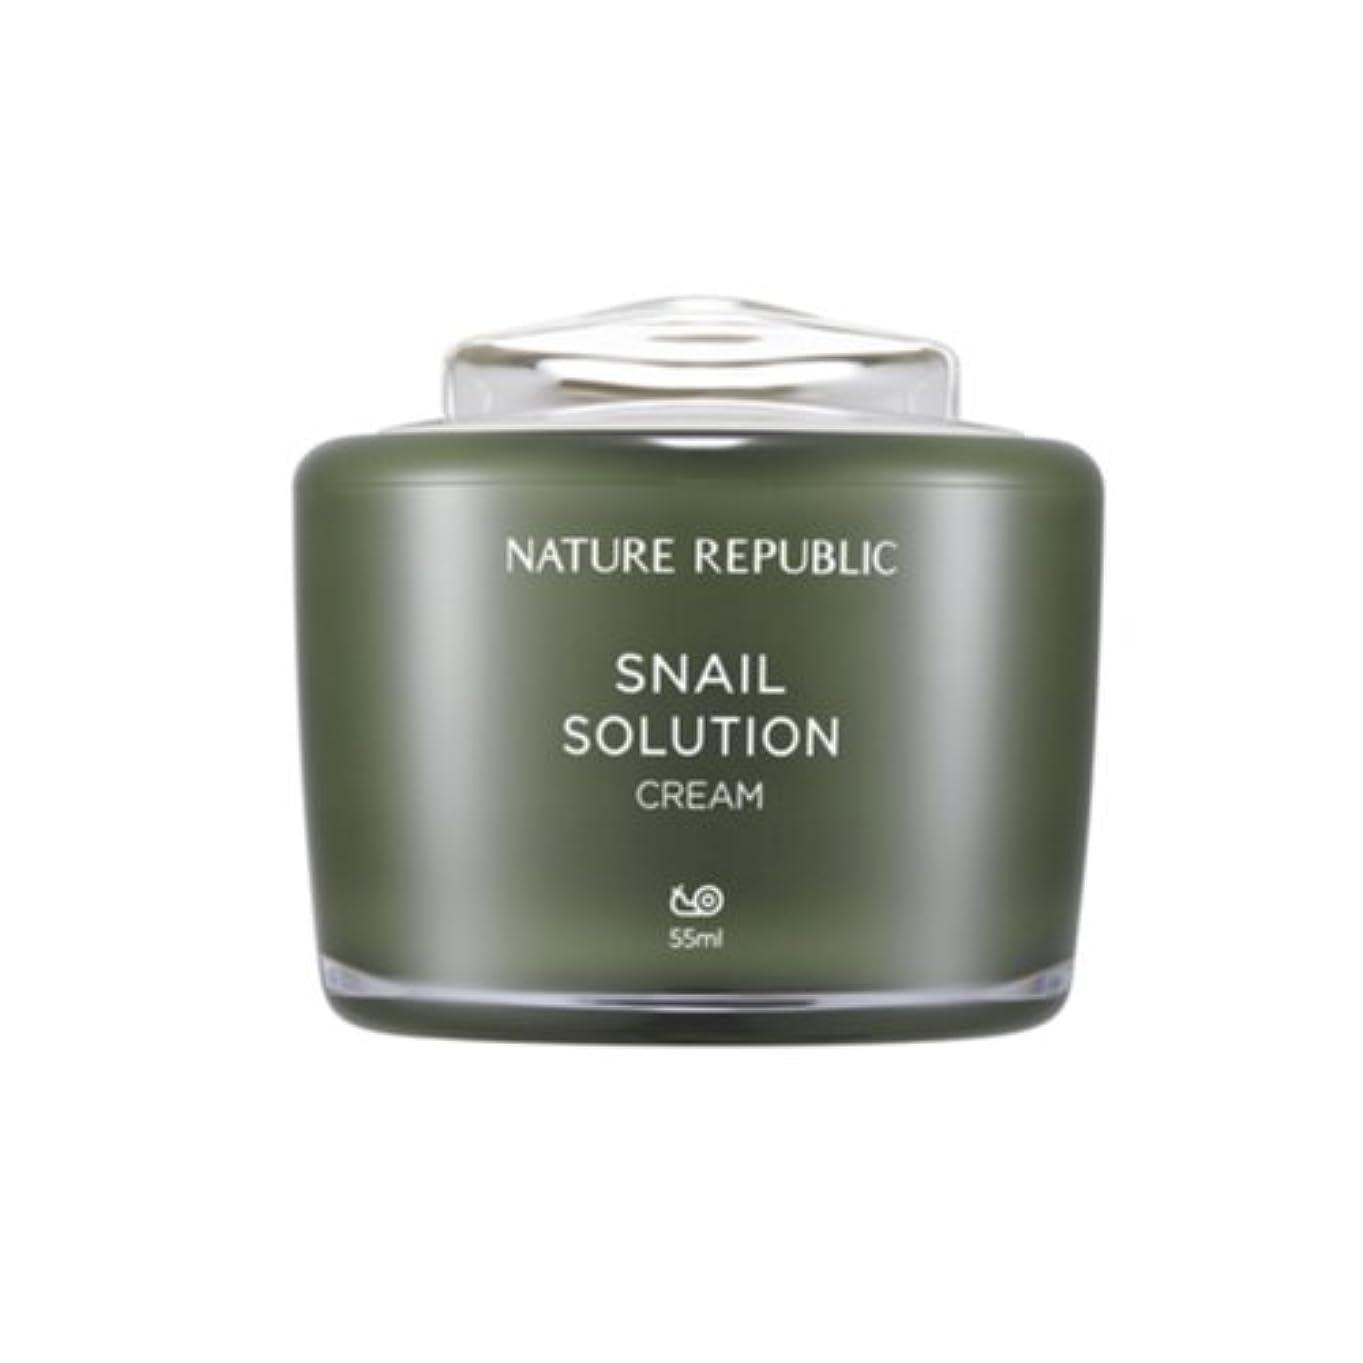 容疑者レクリエーション軍隊[ネイチャーリパブリック] Nature republicスネイルソリューションクリーム海外直送品(Snail Solution Cream) [並行輸入品]